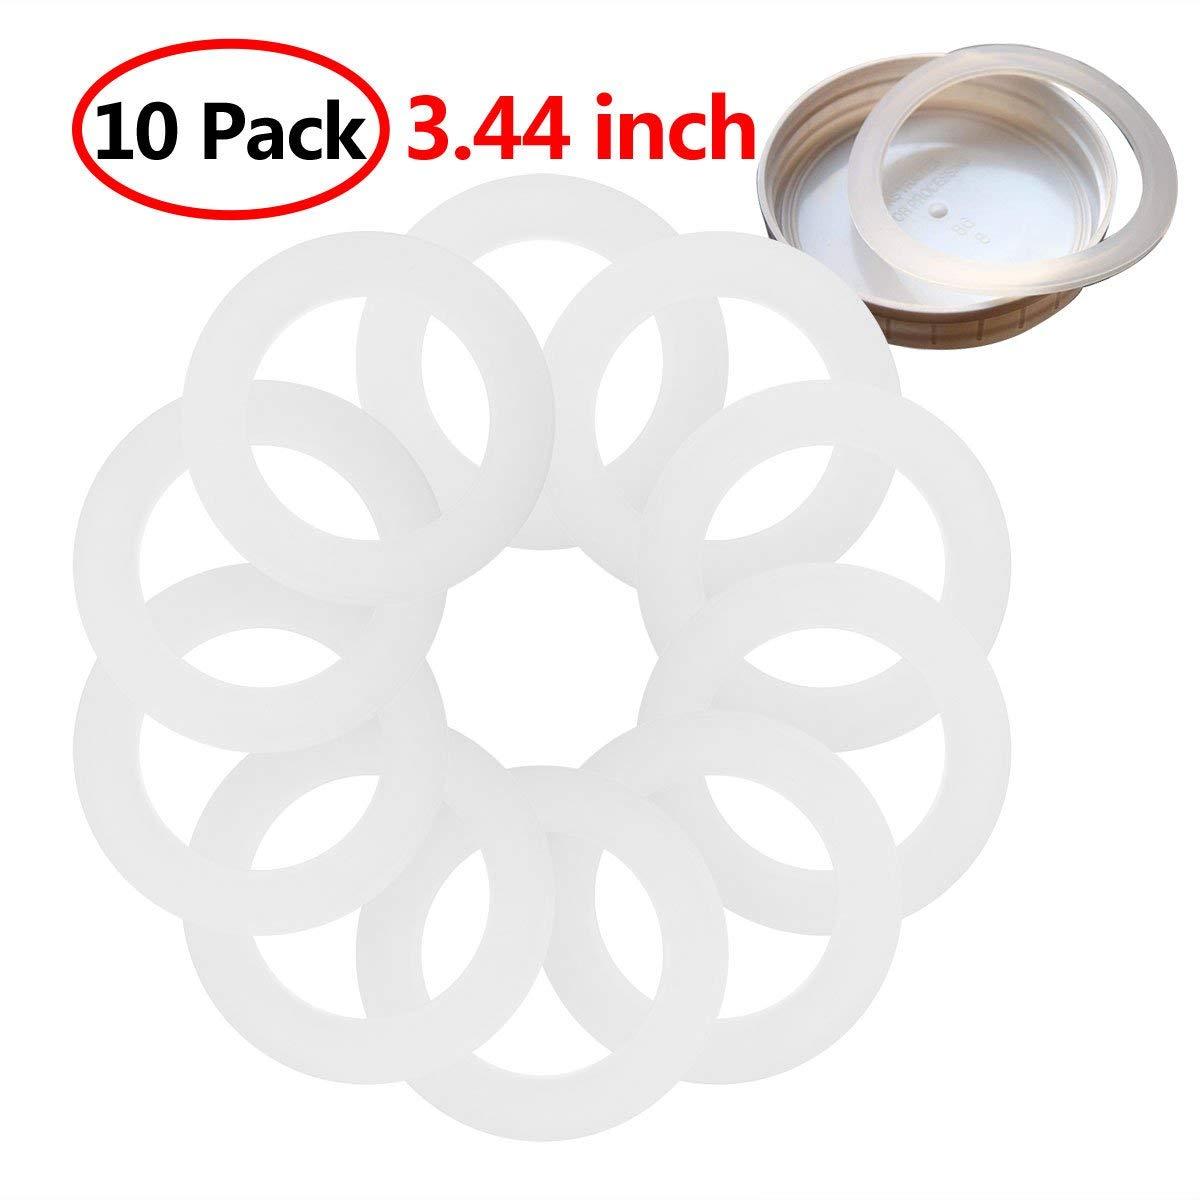 ef980d1b04ea Cheap Mason Jar Seals, find Mason Jar Seals deals on line at Alibaba.com